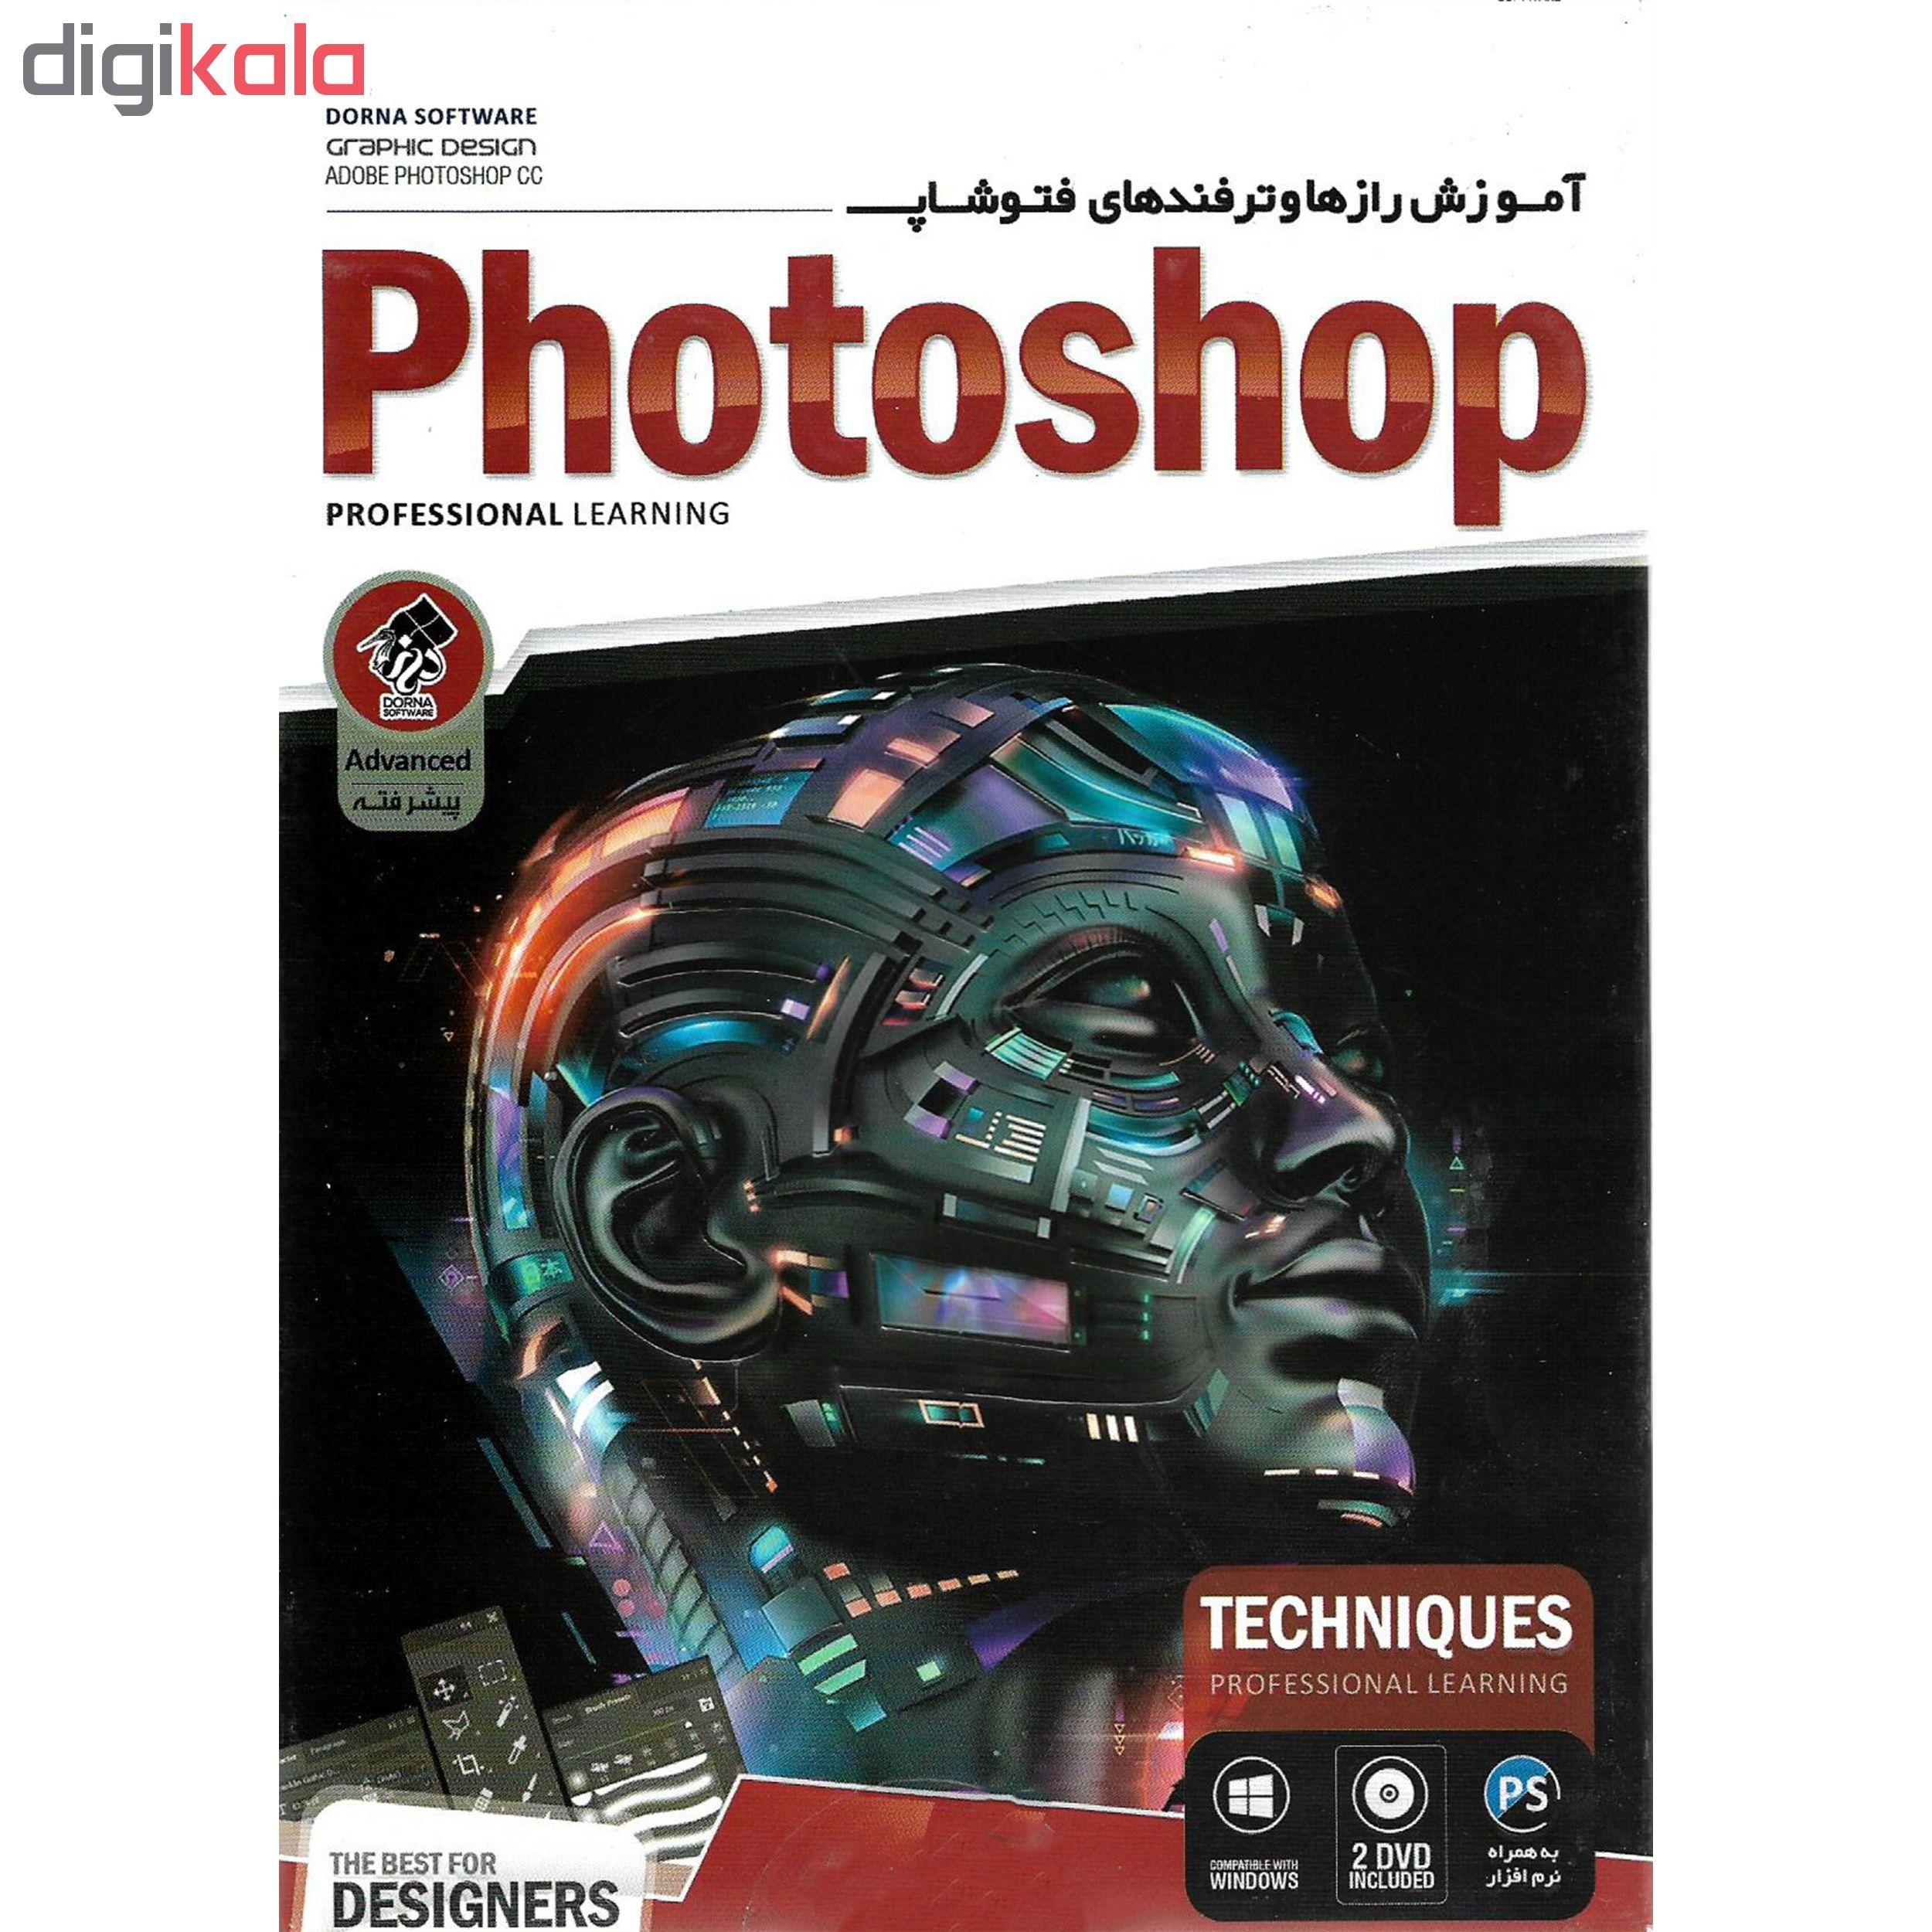 نرم افزار آموزش رازهای فتوشاپ حرفه ای نشر الکترونیک پانا به همراه نرم افزار آموزش رازها و ترفندهای فتوشاپ PHOTOSHOP نشر درنا